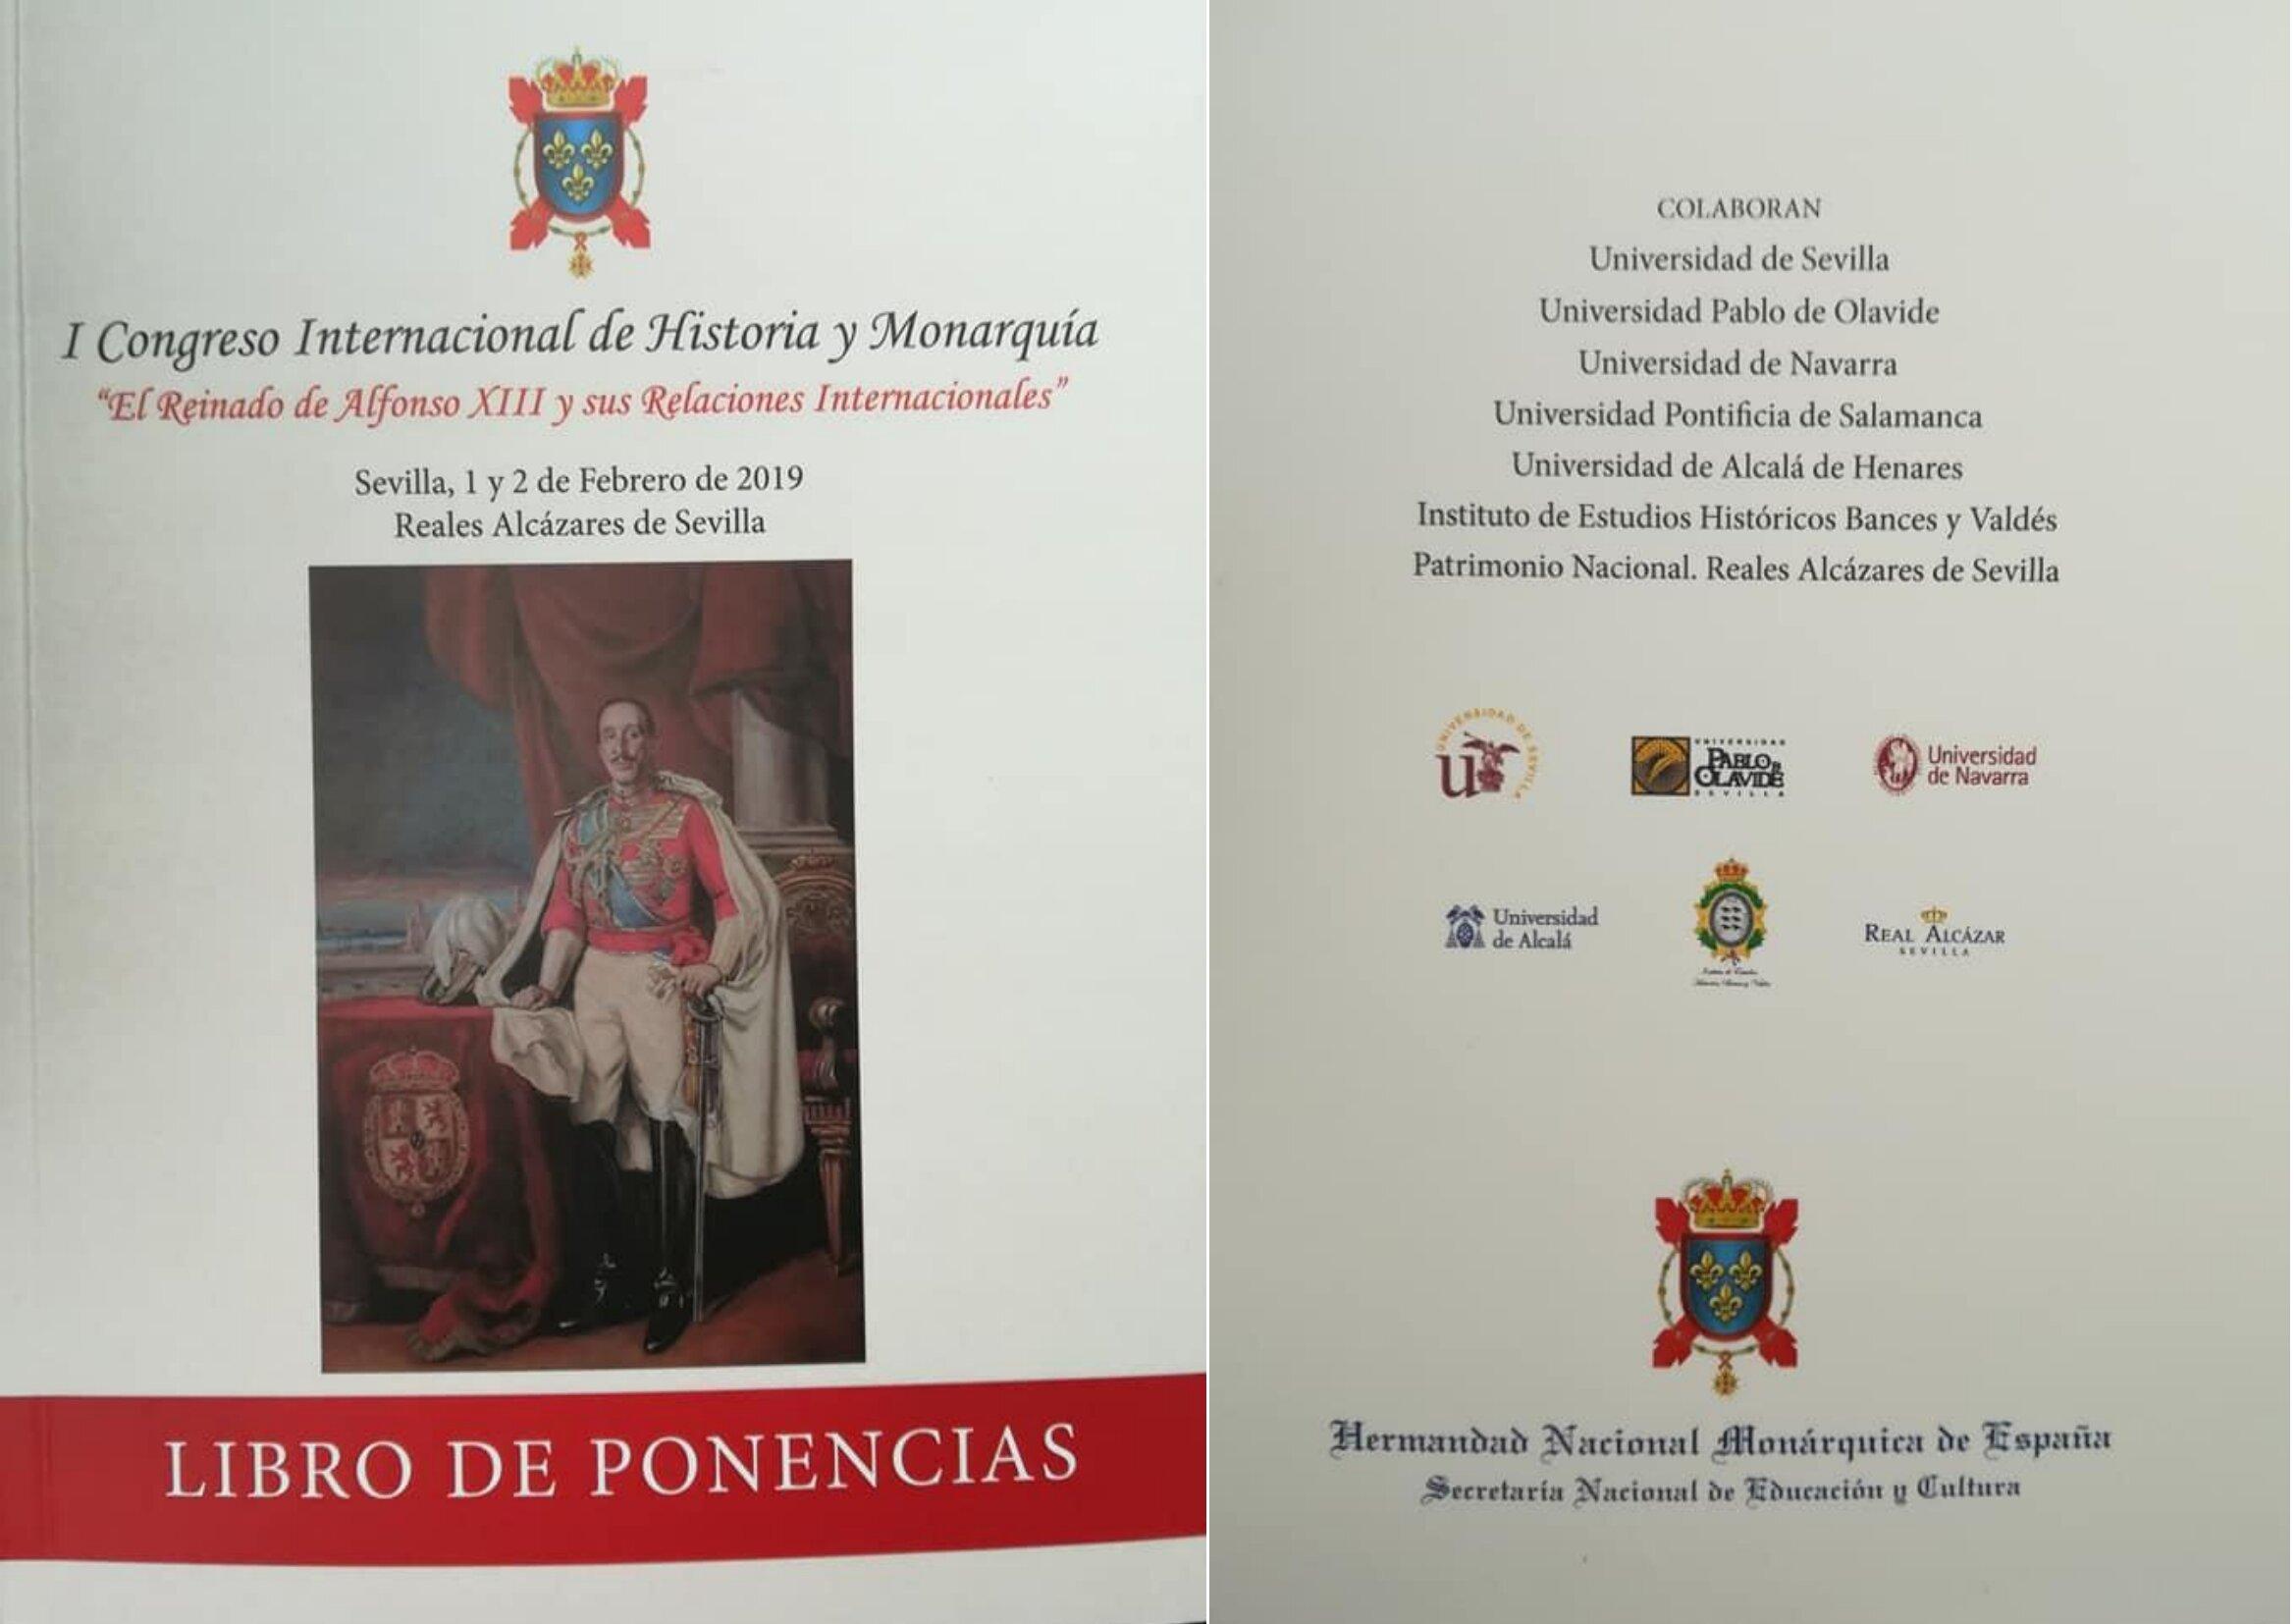 EL REINADO DE ALFONSO XIII Y SUS RELACIONES INTERNACIONALES